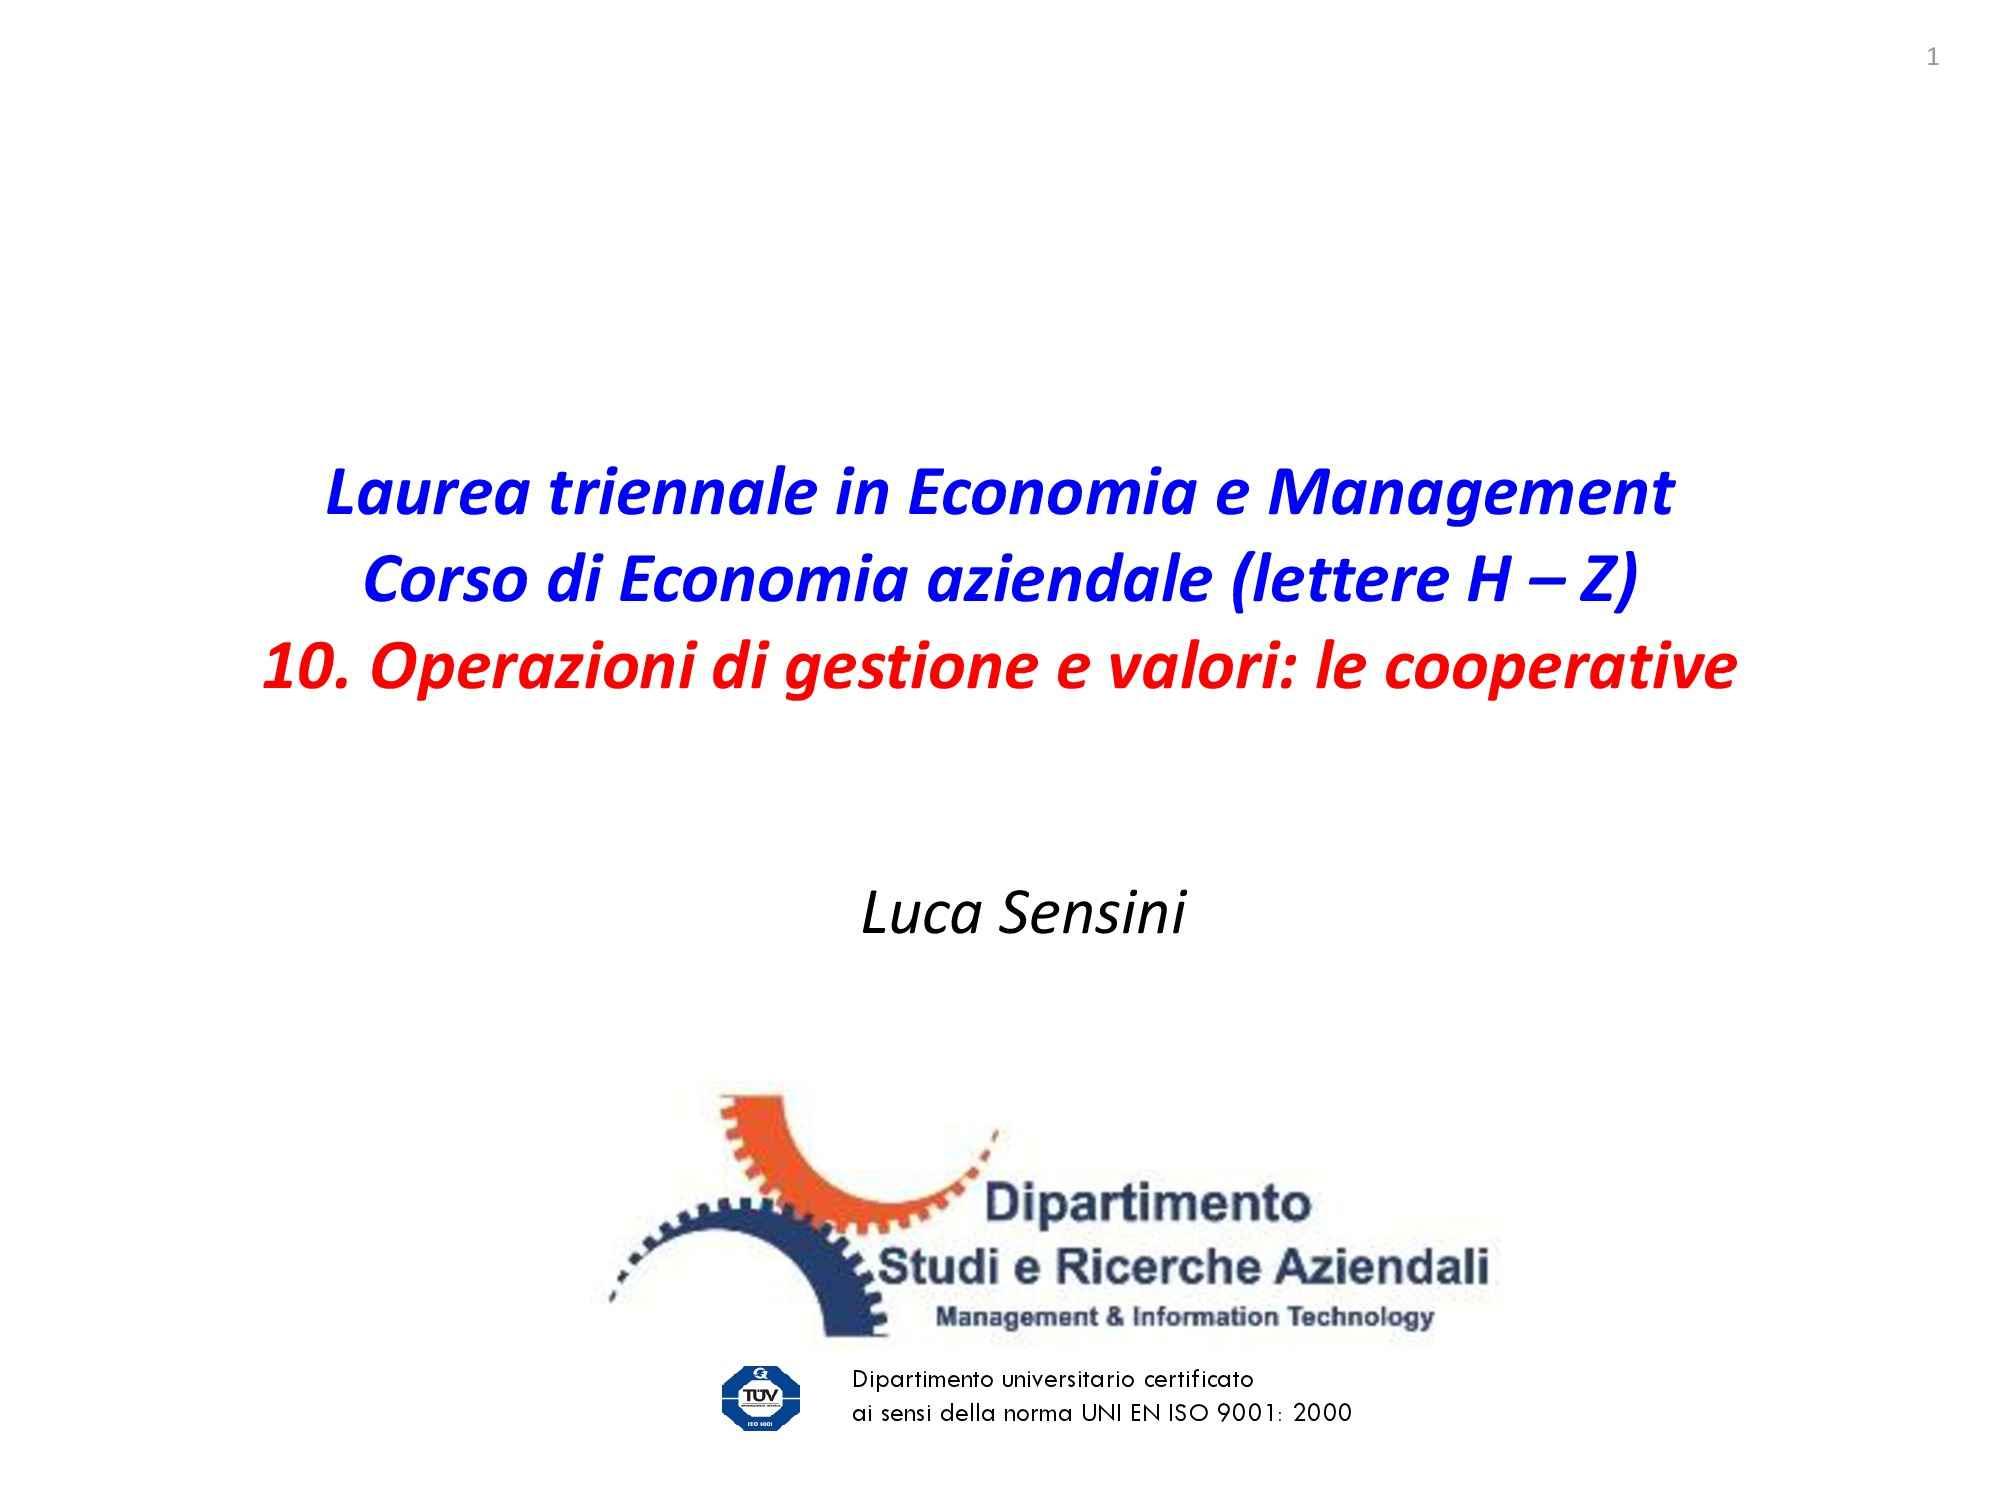 Dispensa di Economia aziendale - cooperative